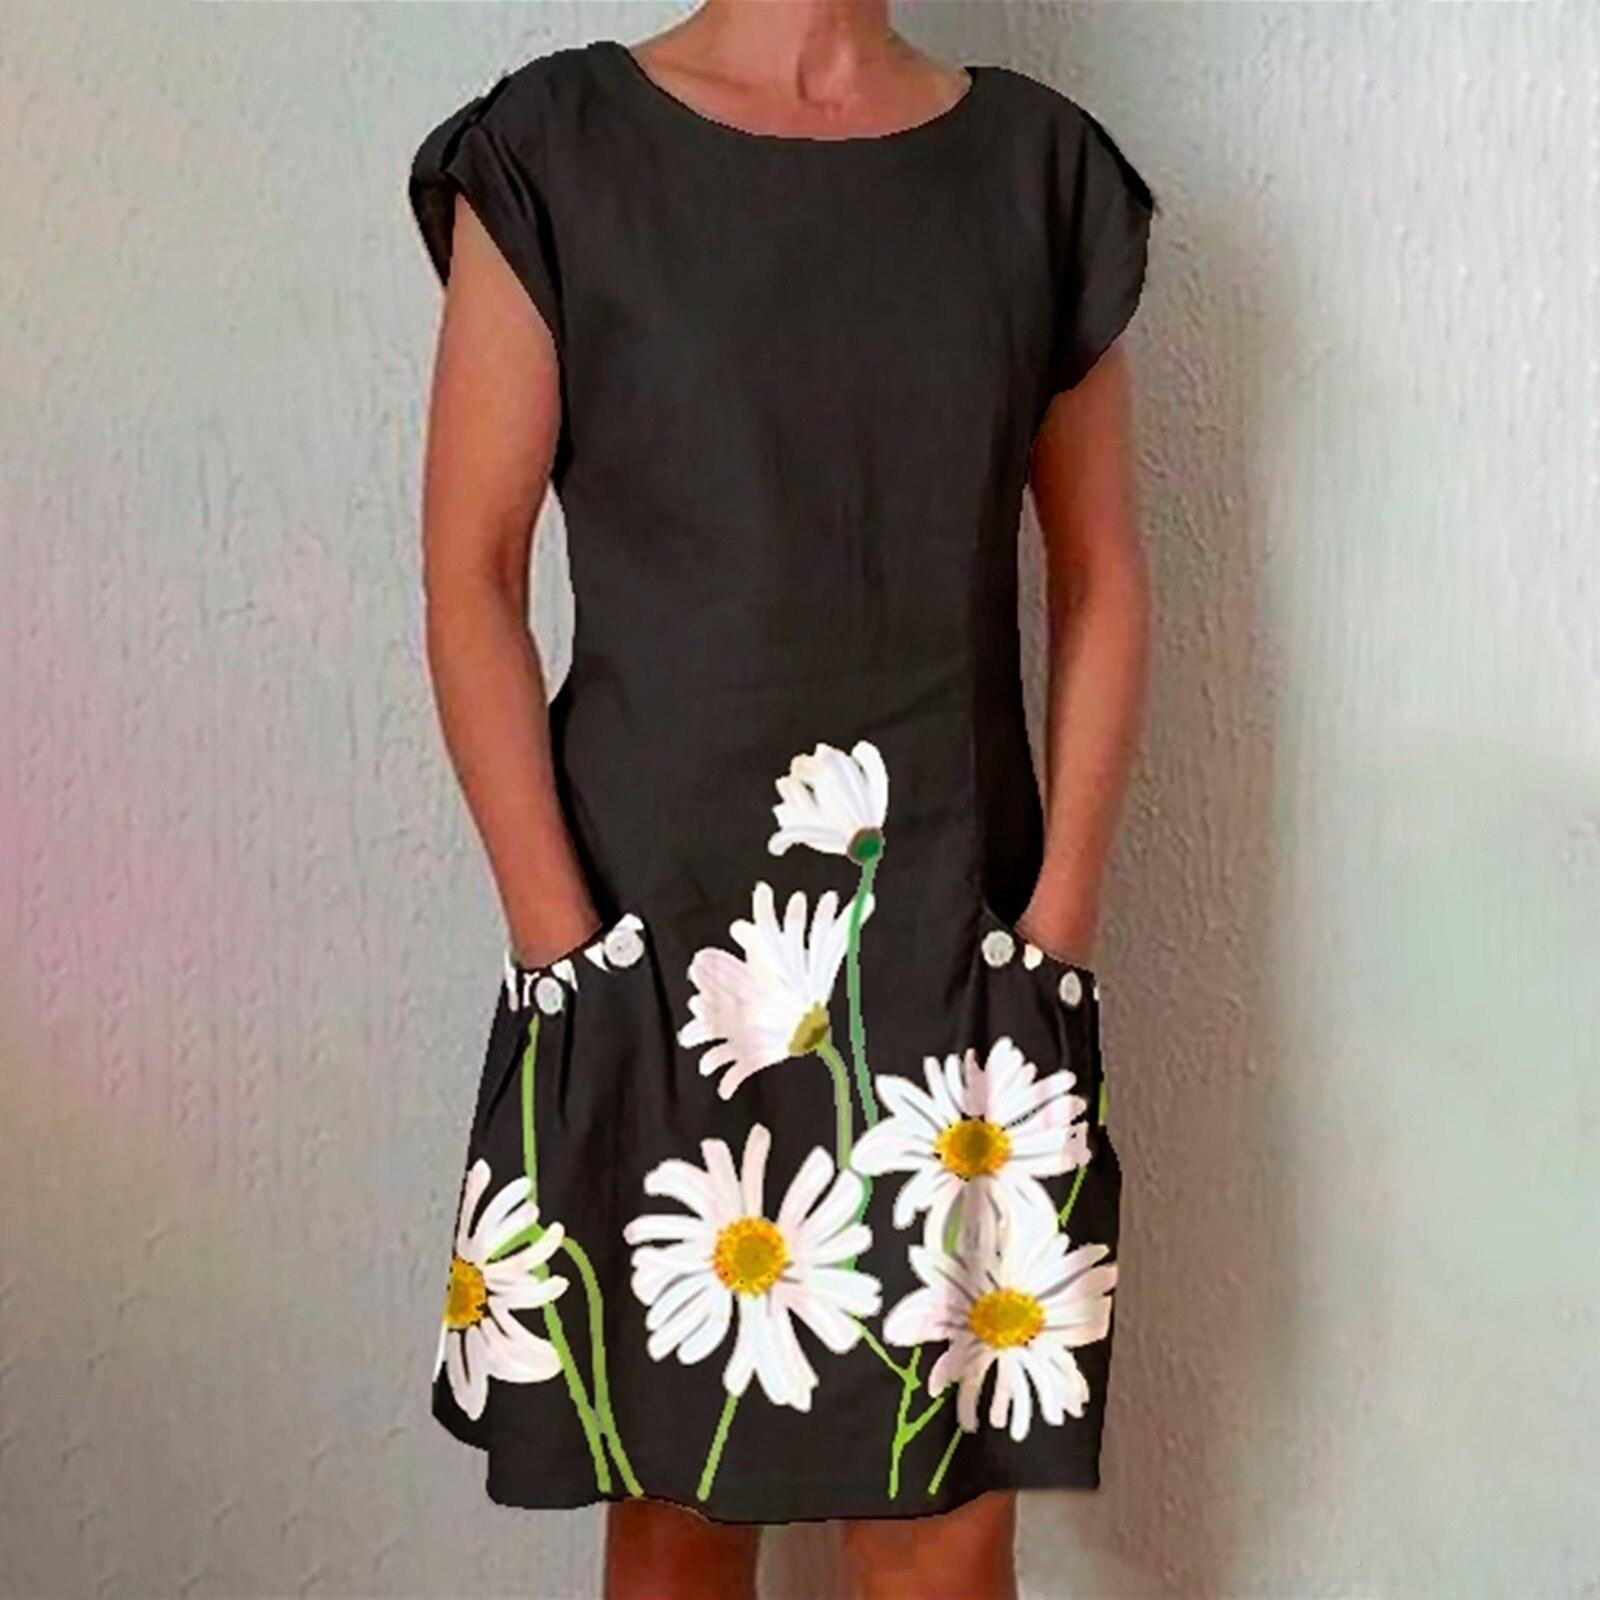 40# Sunflower Print Dress Women Cotton Linen Short-sleeved Pocket Knee-length Dress Casual Loose Summer Dress Vestido Mujer